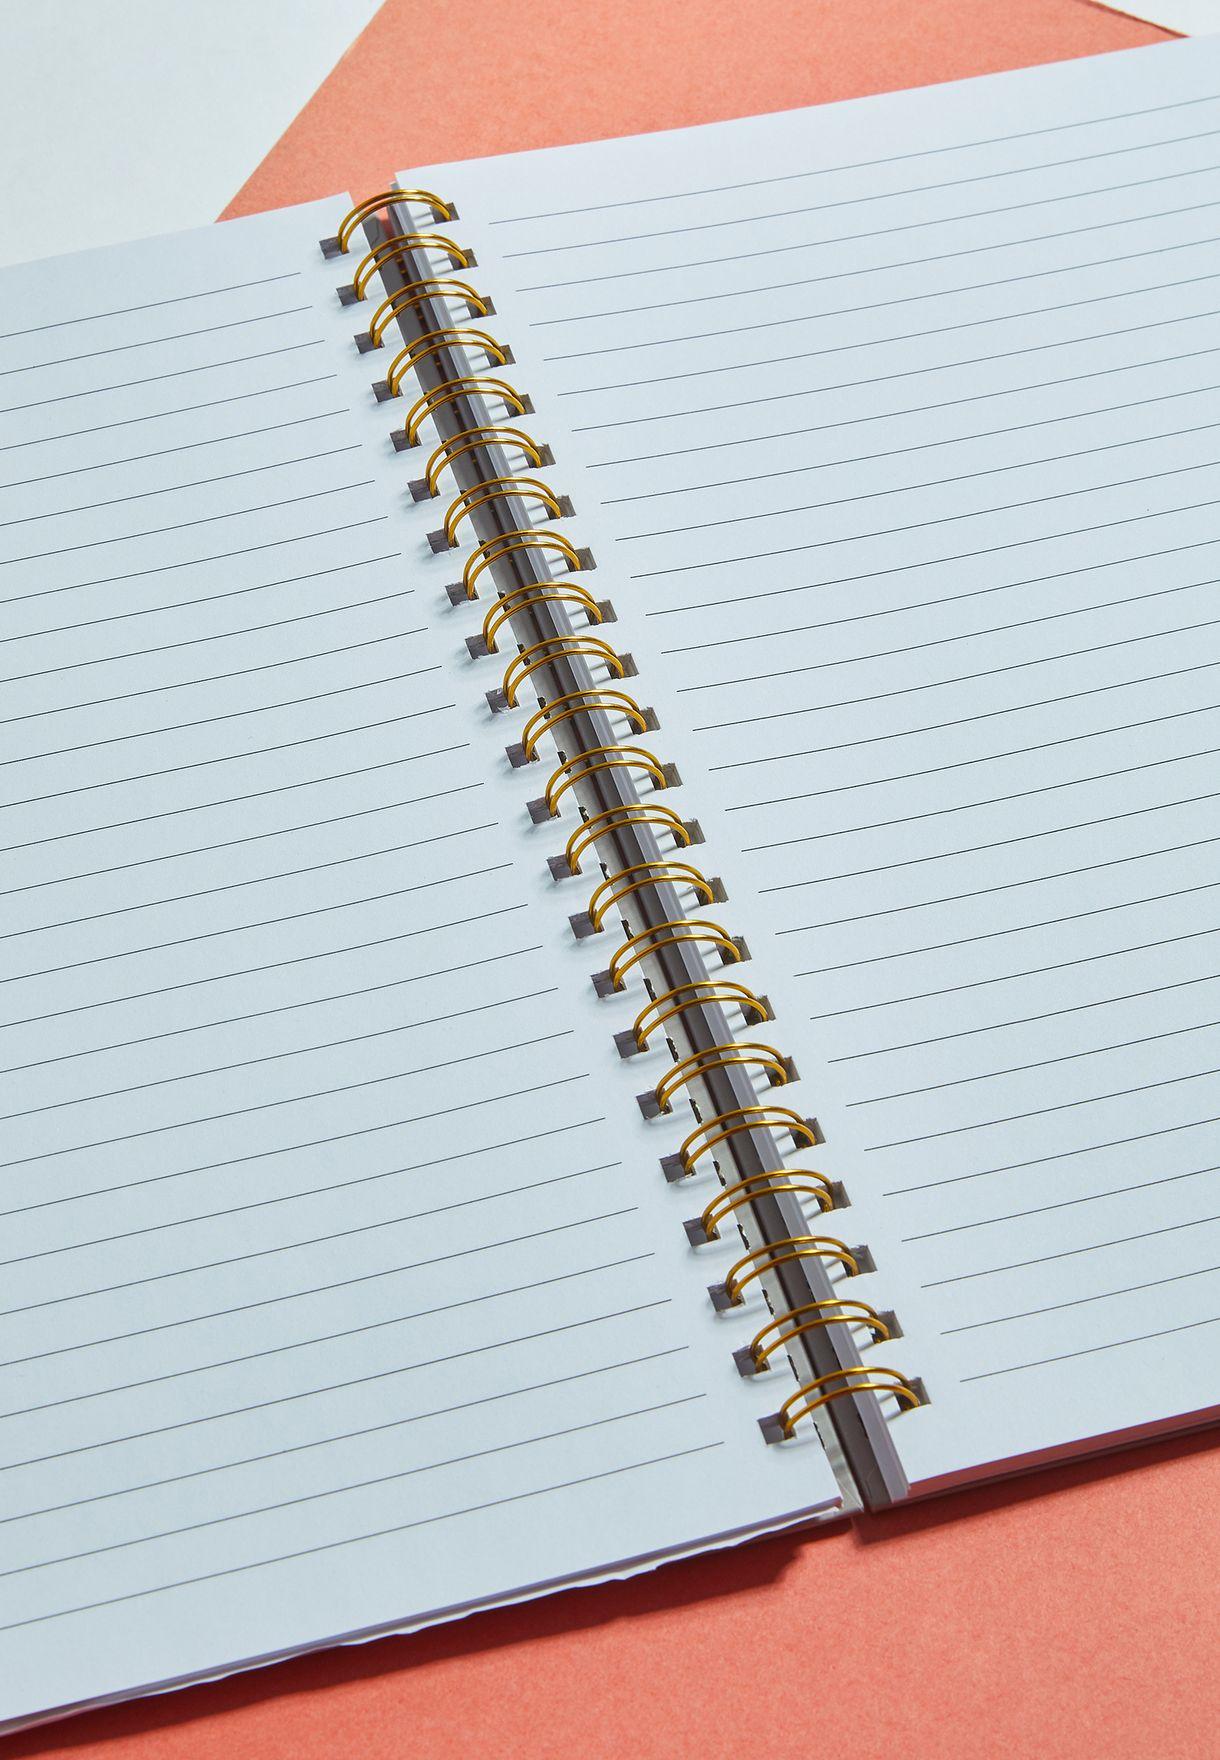 دفتر محاضرات بطبعات ازهار